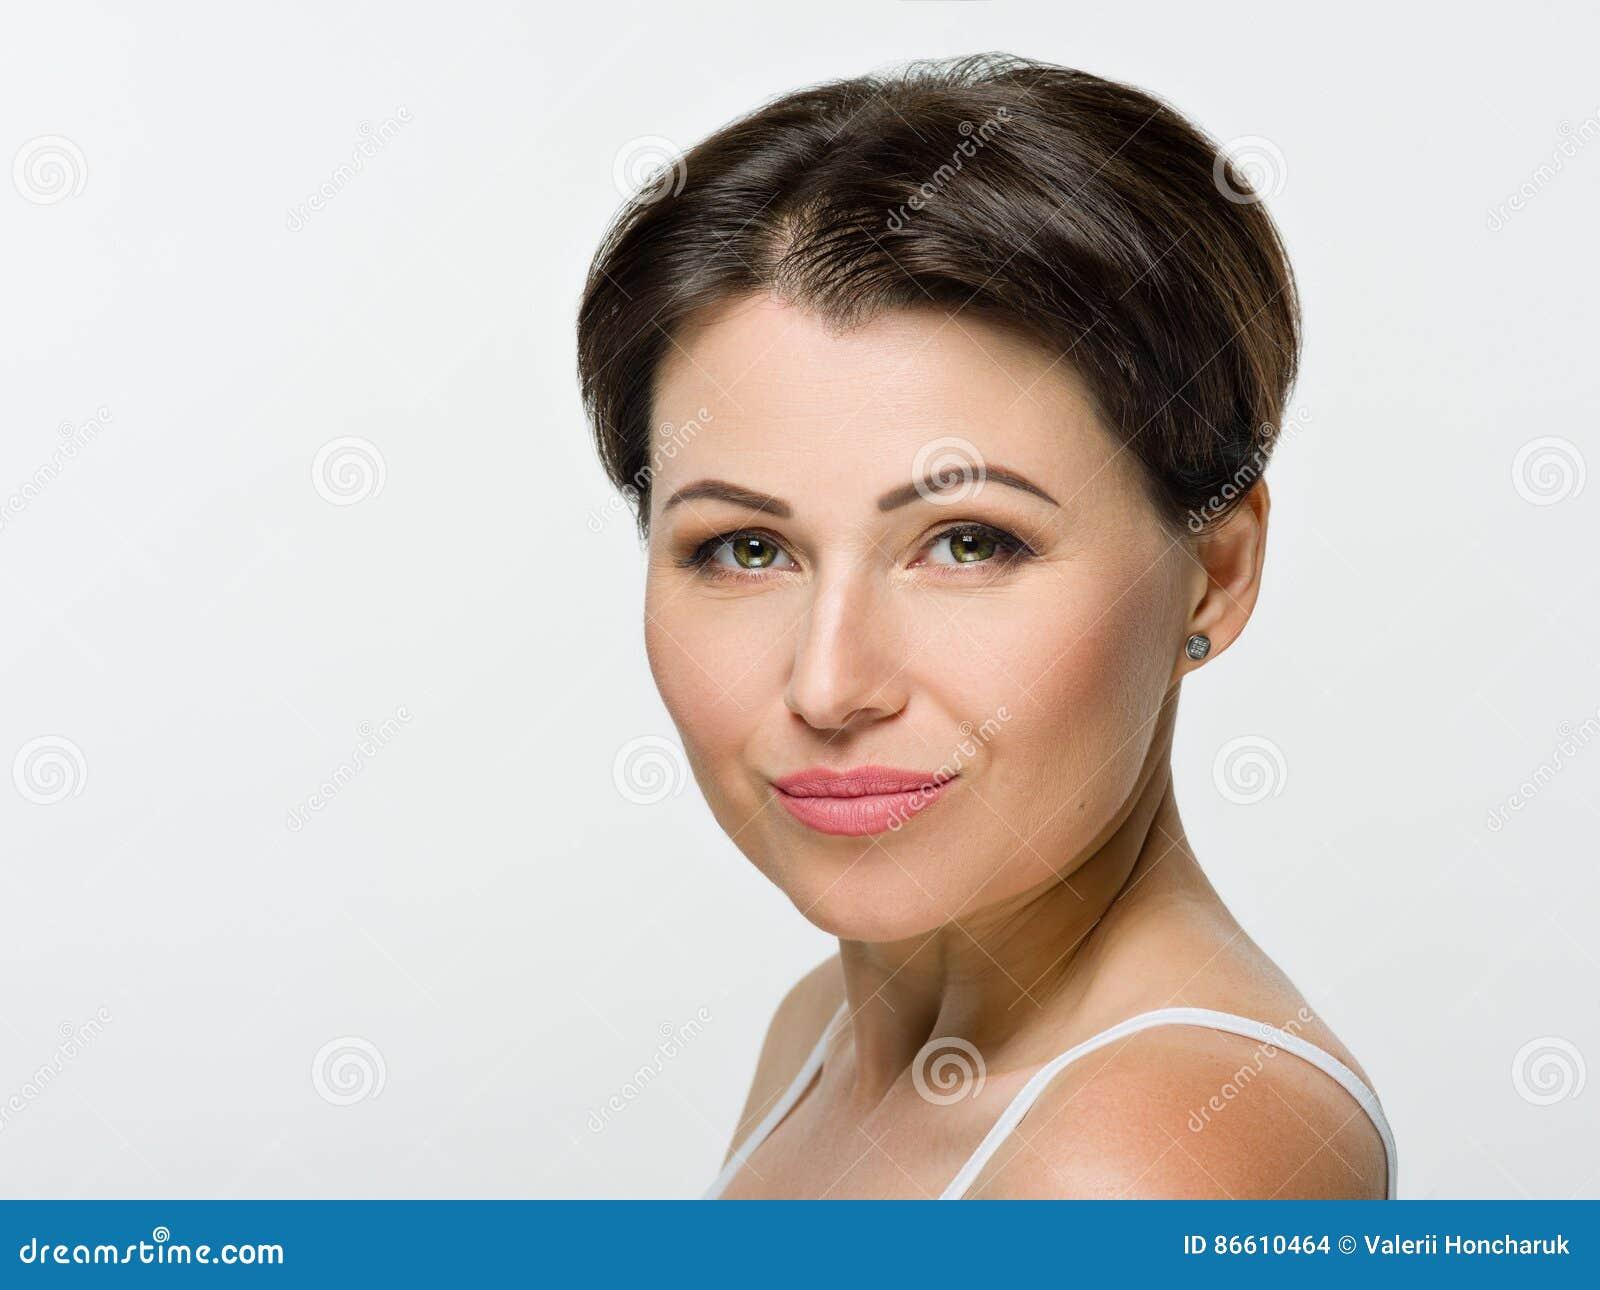 Braune haare grüne augen